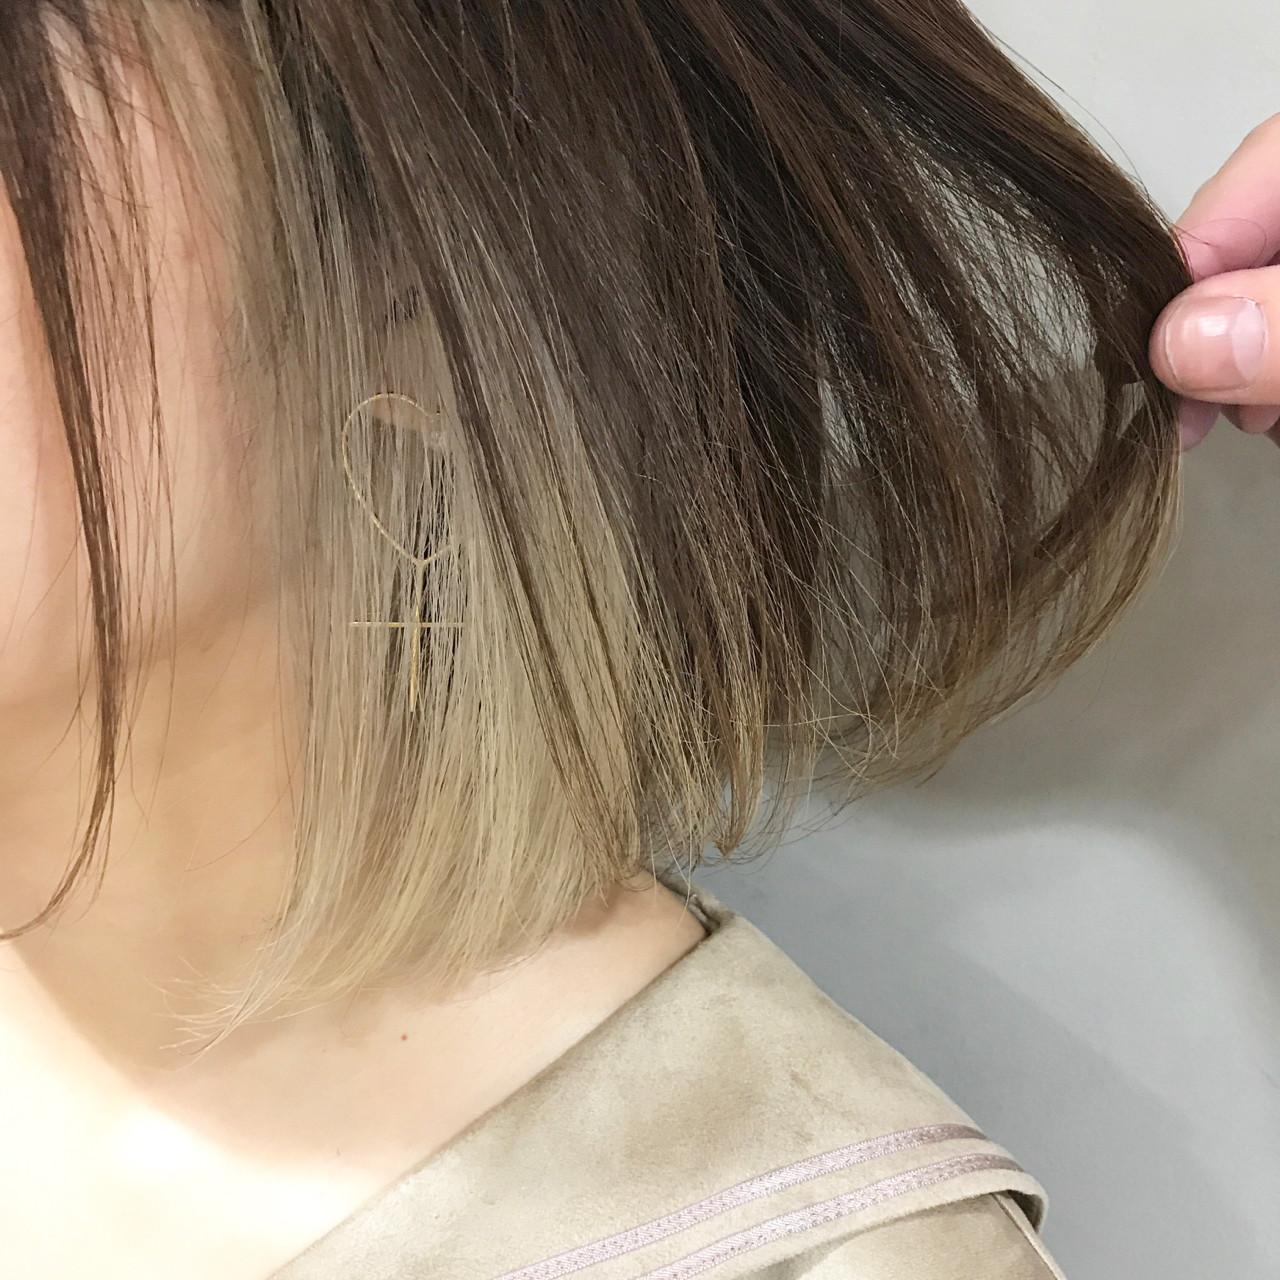 ナチュラル ワンレングス ワンカール インナーカラー ヘアスタイルや髪型の写真・画像 | MORNING.miya/@1031miya / HAIR MORNING.